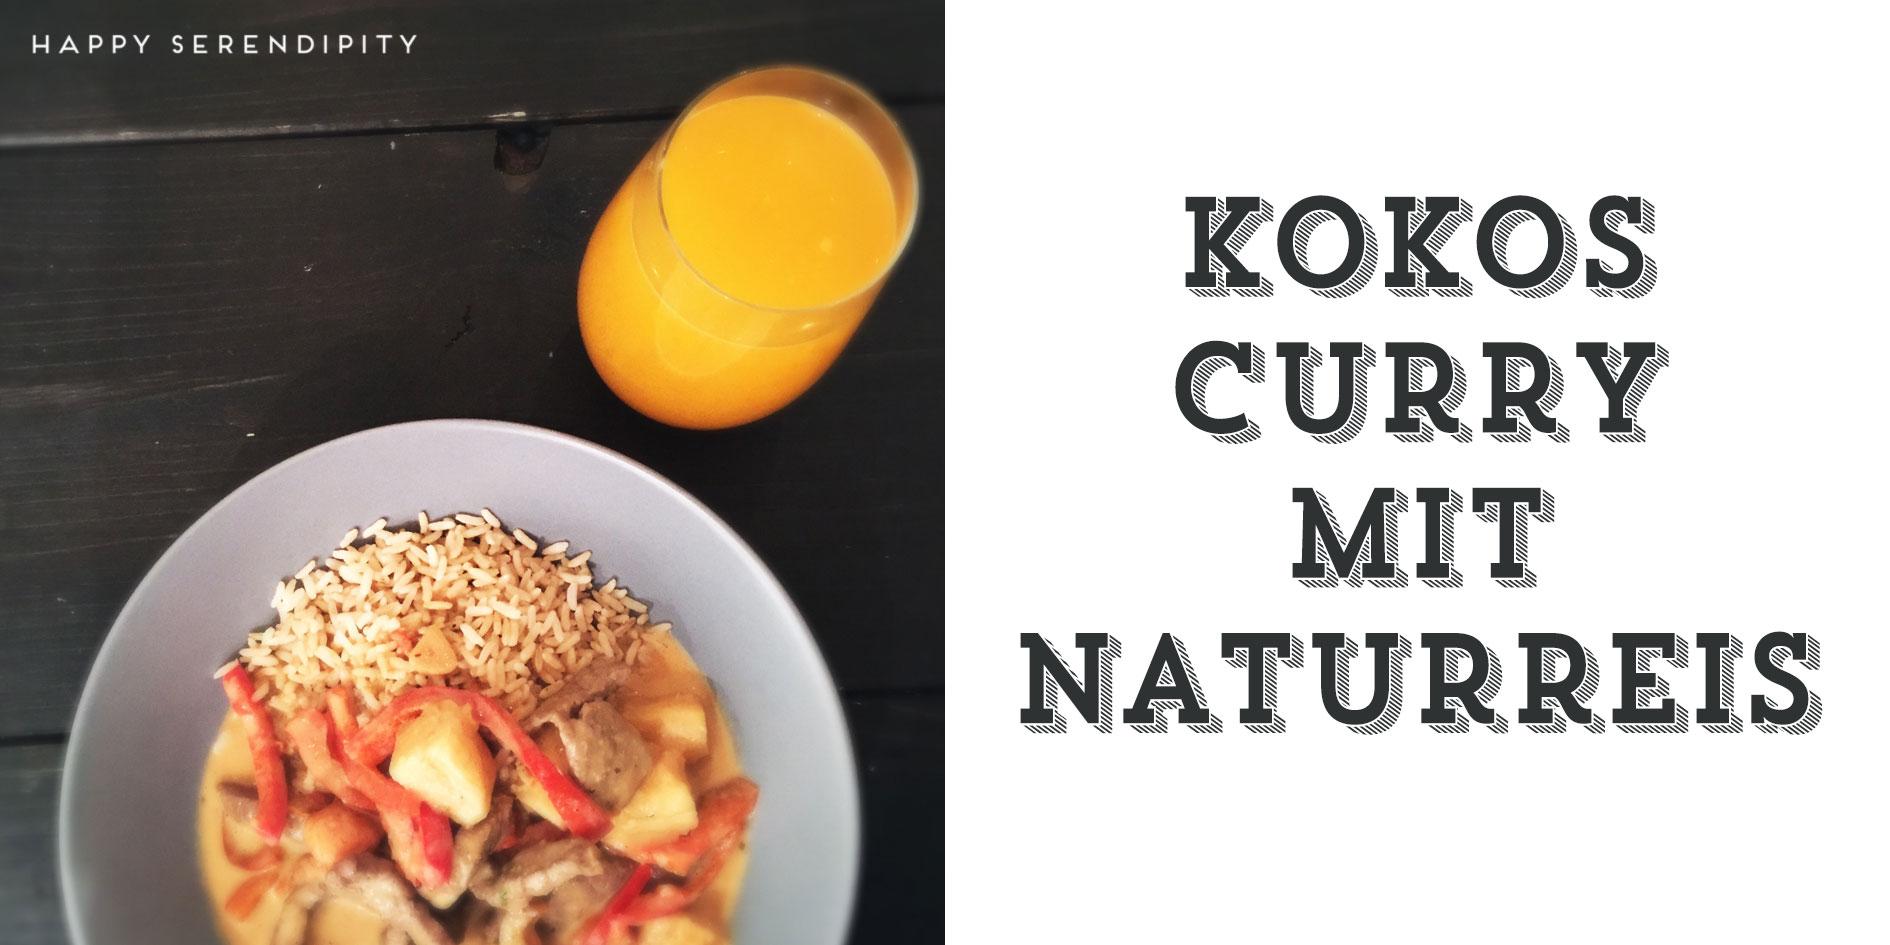 kokos curry mit naturreis, happy serendipity lecker und vielseitige rezepte